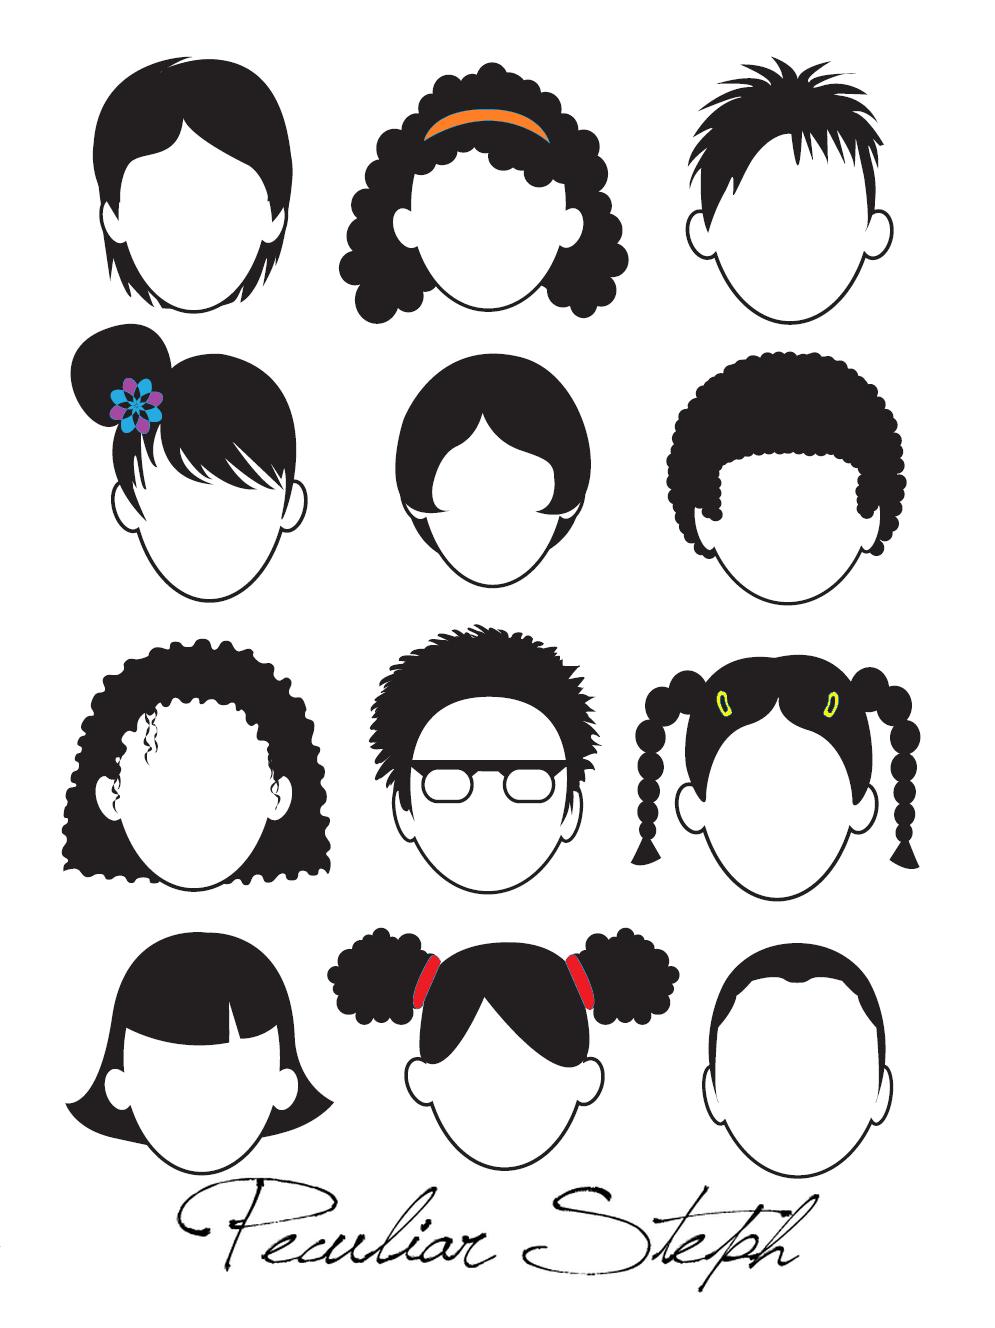 Pagina en blanco, dibujo de caras (para imprimir gratis)